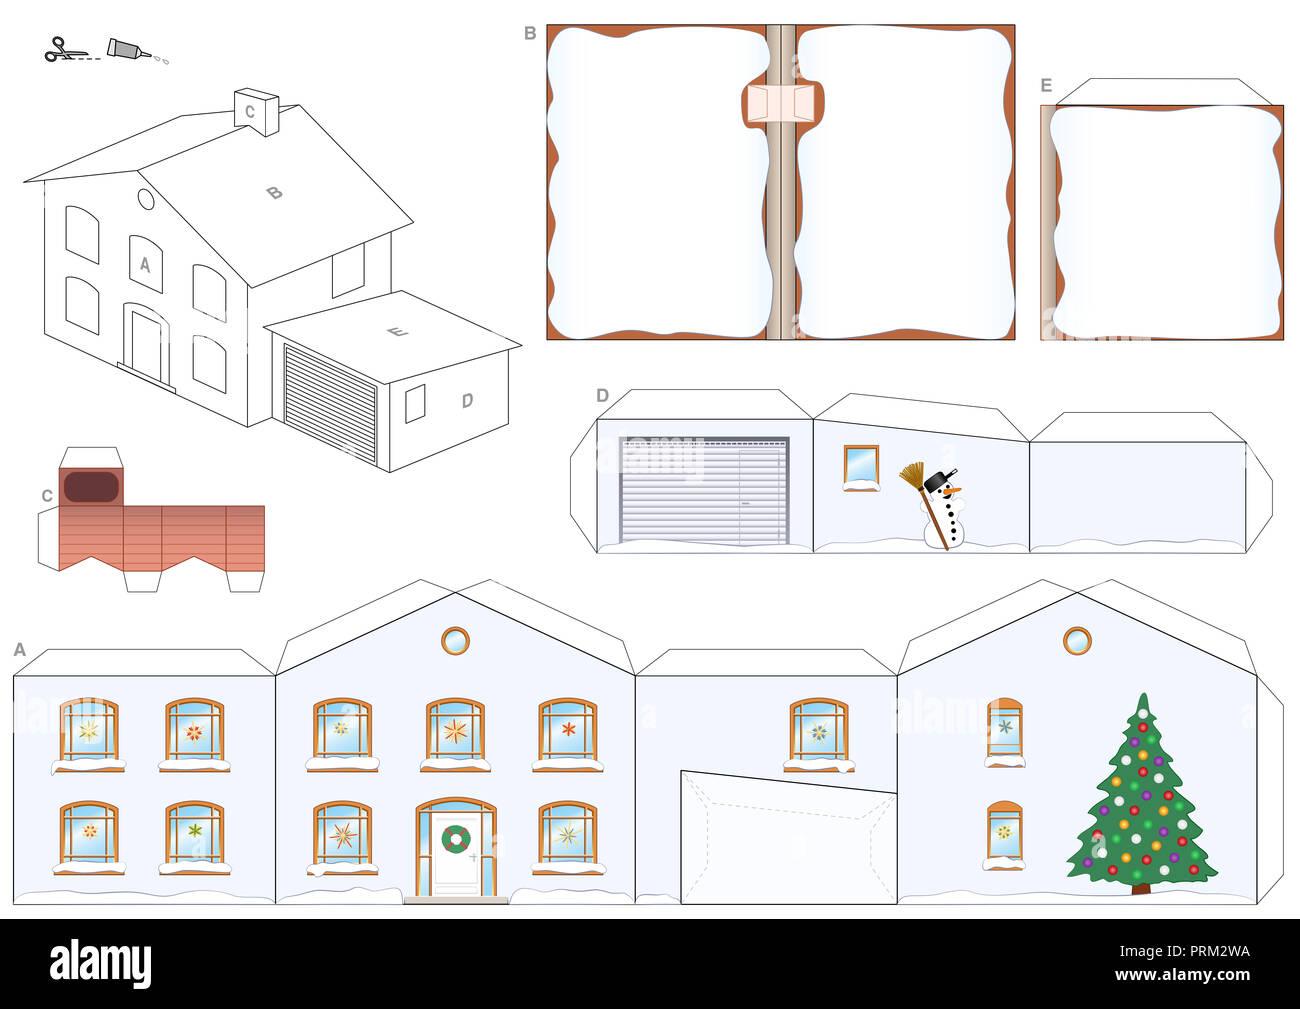 Modele De Papier D Une Maison En Hiver Avec L Arbre De Noel Bonhomme De Neige Et Les Toits Et Une Cheminee Pour Le Pere Noel Facile A Faire Photo Stock Alamy